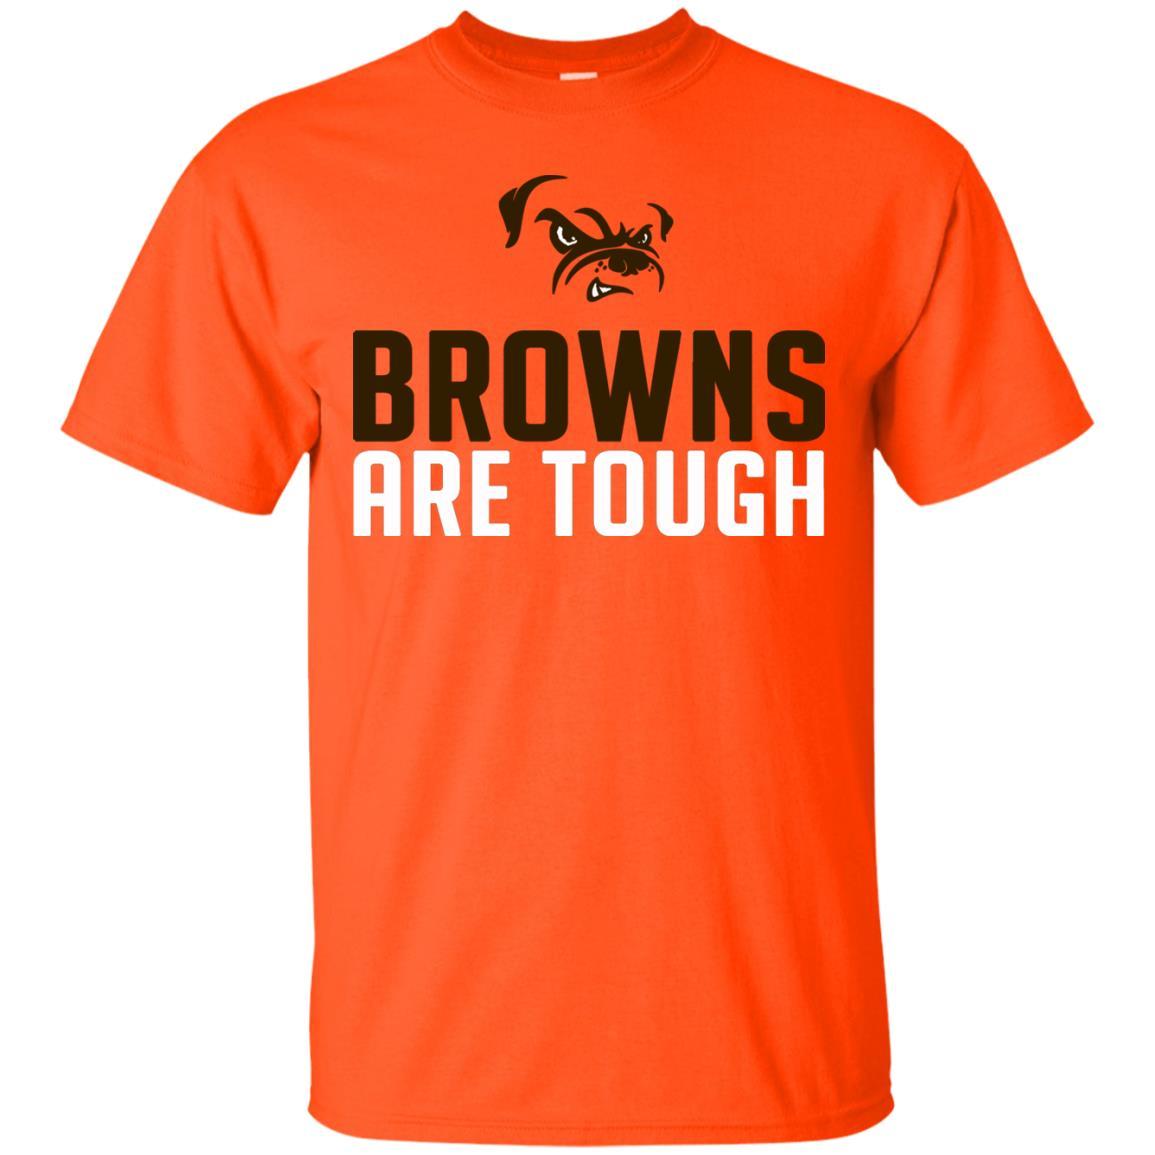 image 2479 - Cleveland Joe Thomas Browns are tough shirt